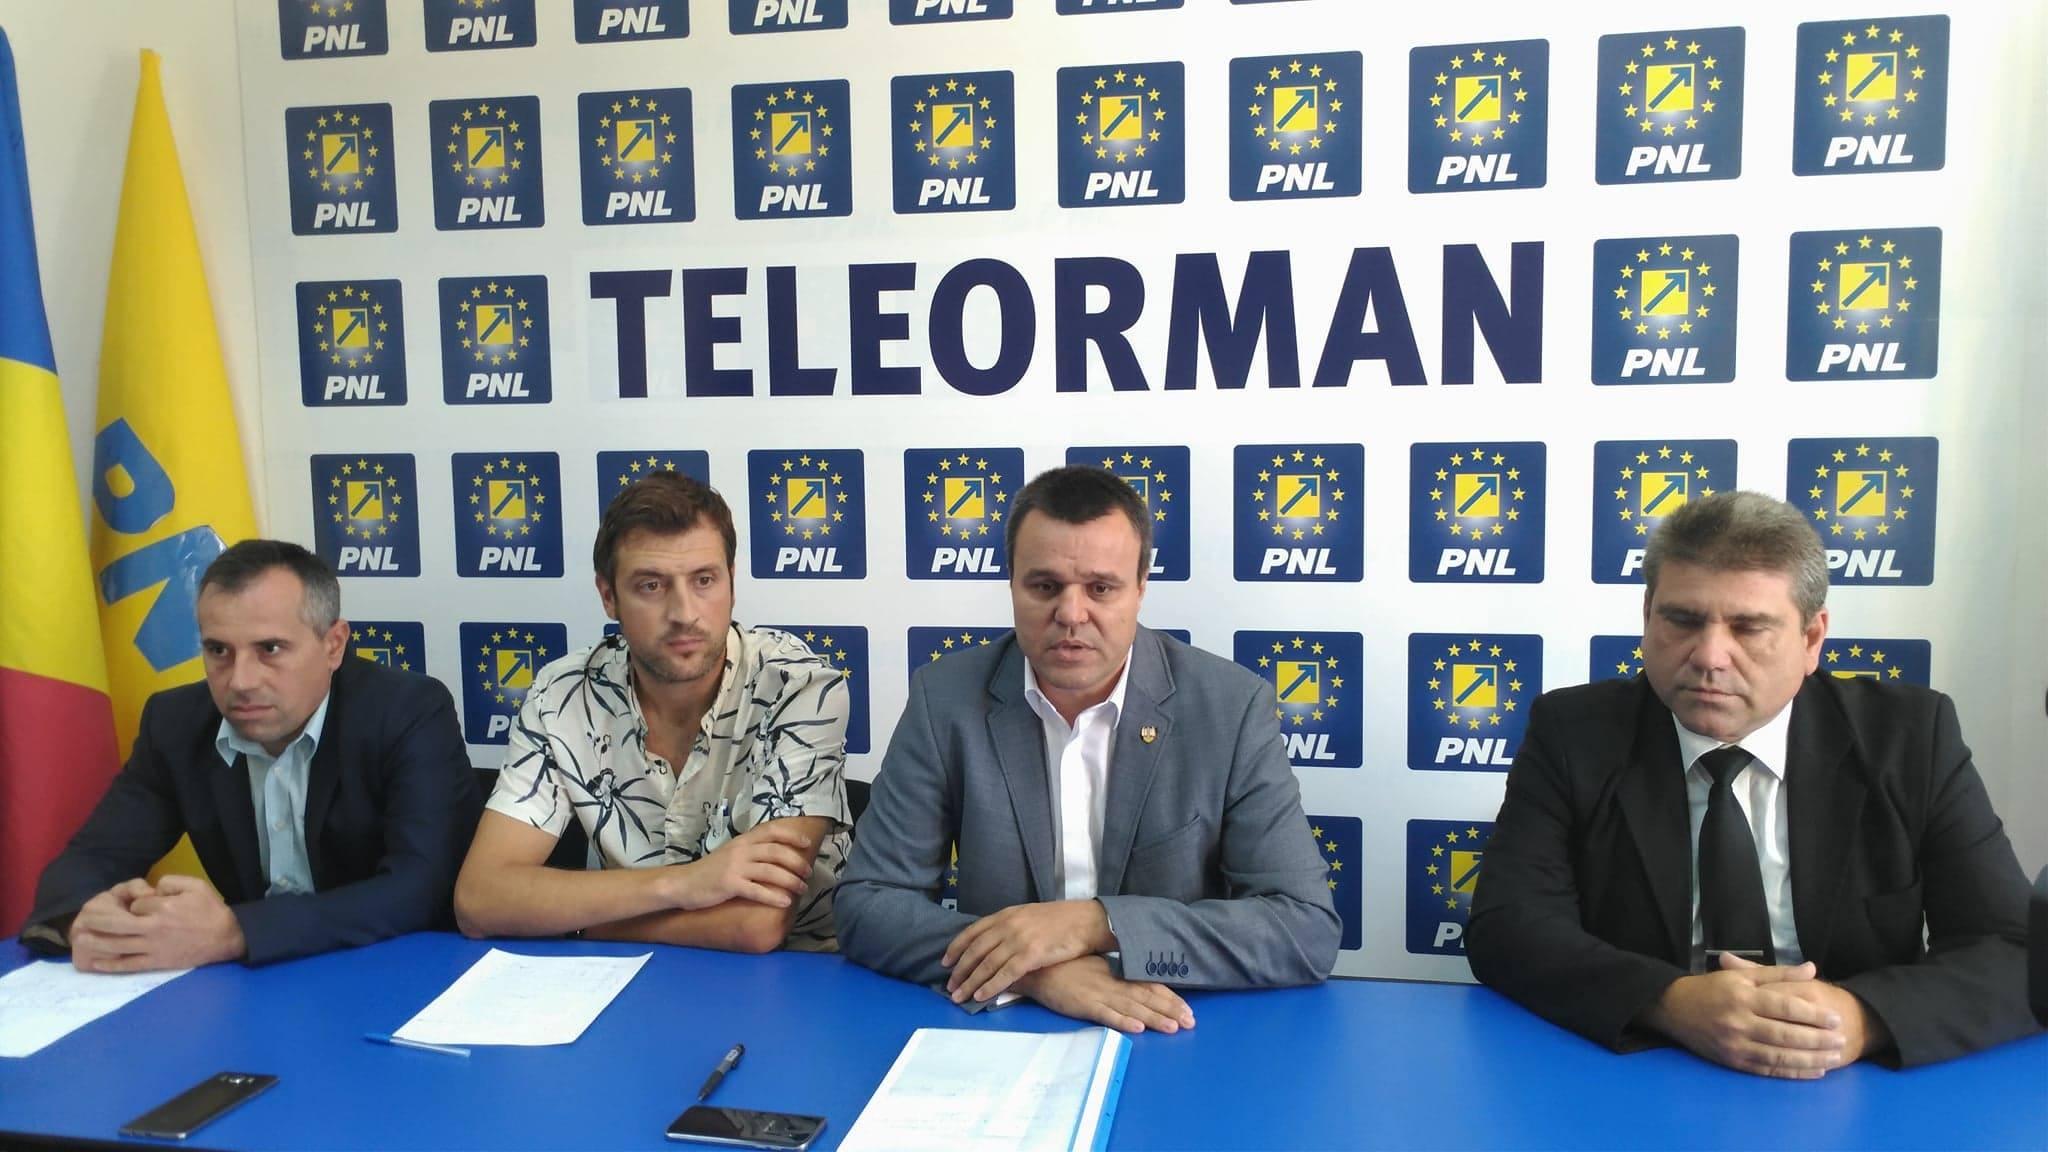 Senator Eugen Pîrvulescu: Referendumul nu trebuie politizat. Fiecare cetăţean să voteze după cum îi dictează conştiinţa